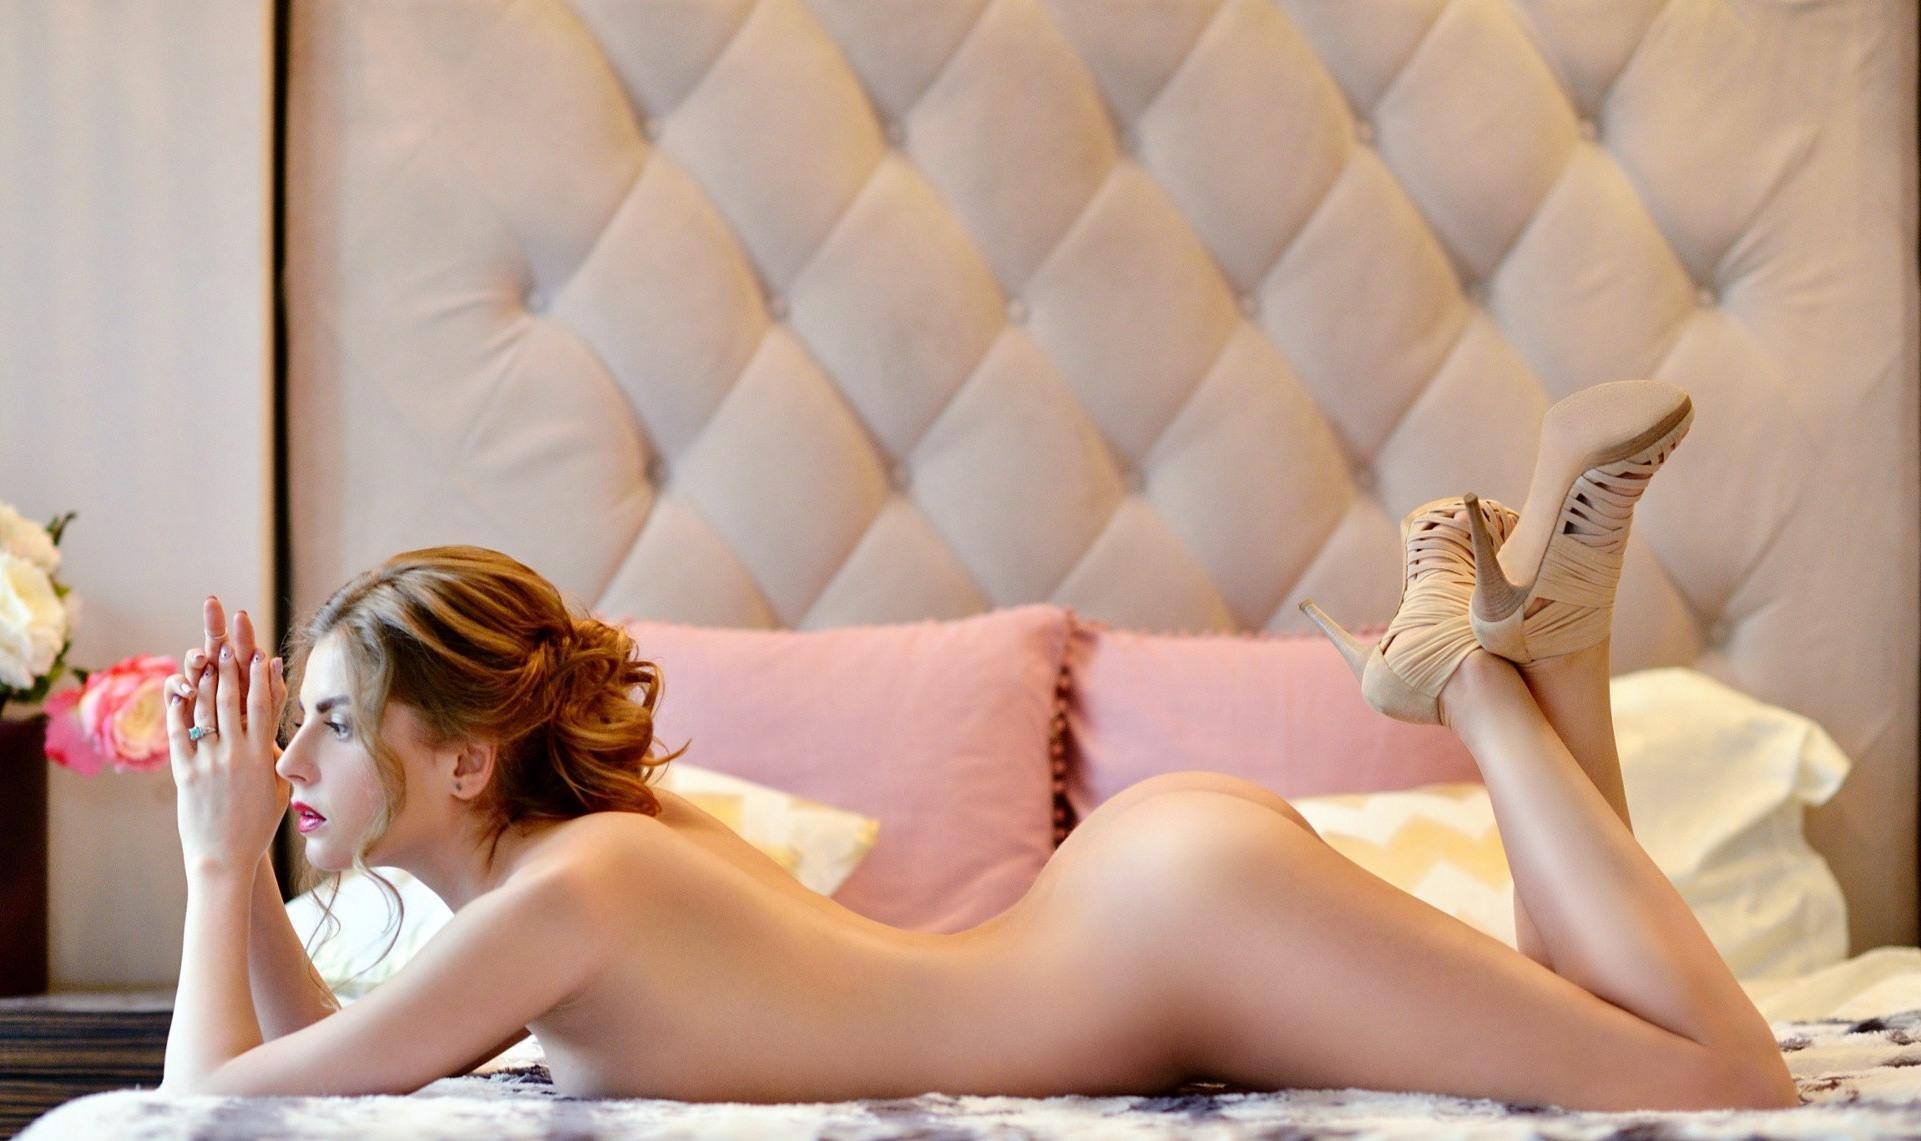 Фото Голая девушка в постели, сочная задница, аппетитная попка, сексуальное обнаженное тело, скачать картинку бесплатно